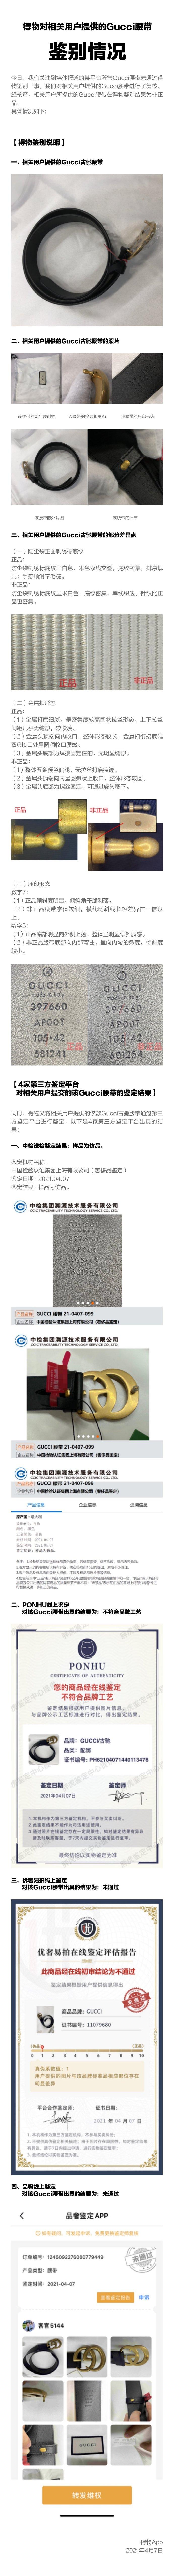 唯品会陷售假风波:被指卖Gucci腰带 唯品会声称保真